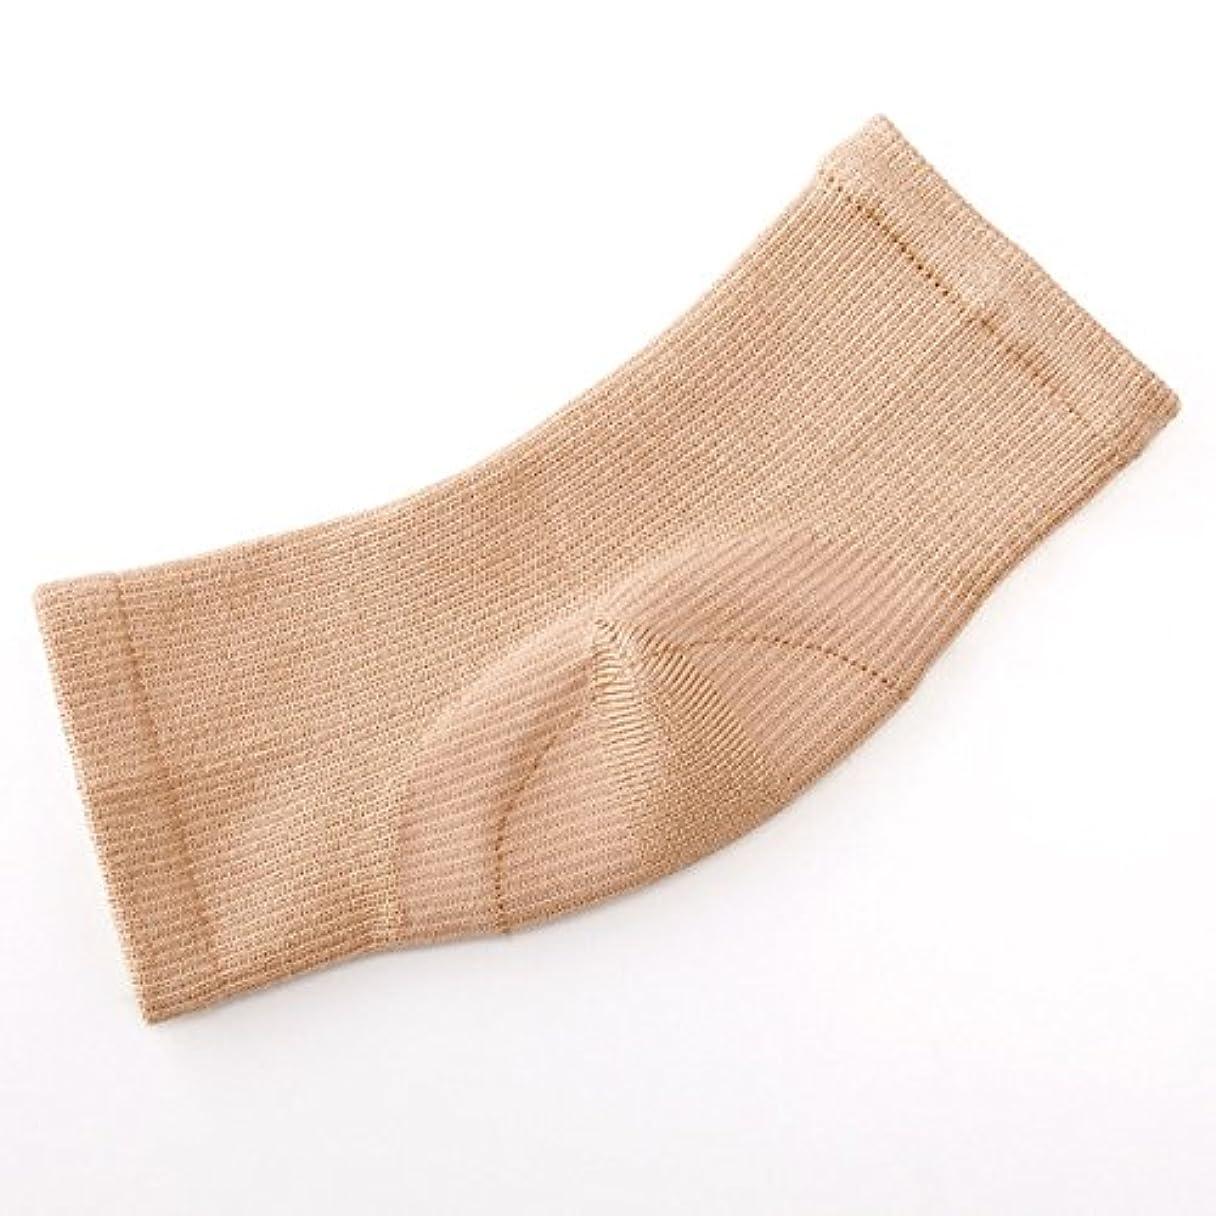 減るペチュランス病気シルク混かかと足裏つるるん シルク混 フットカバー かかと 保湿 フットケア 靴下